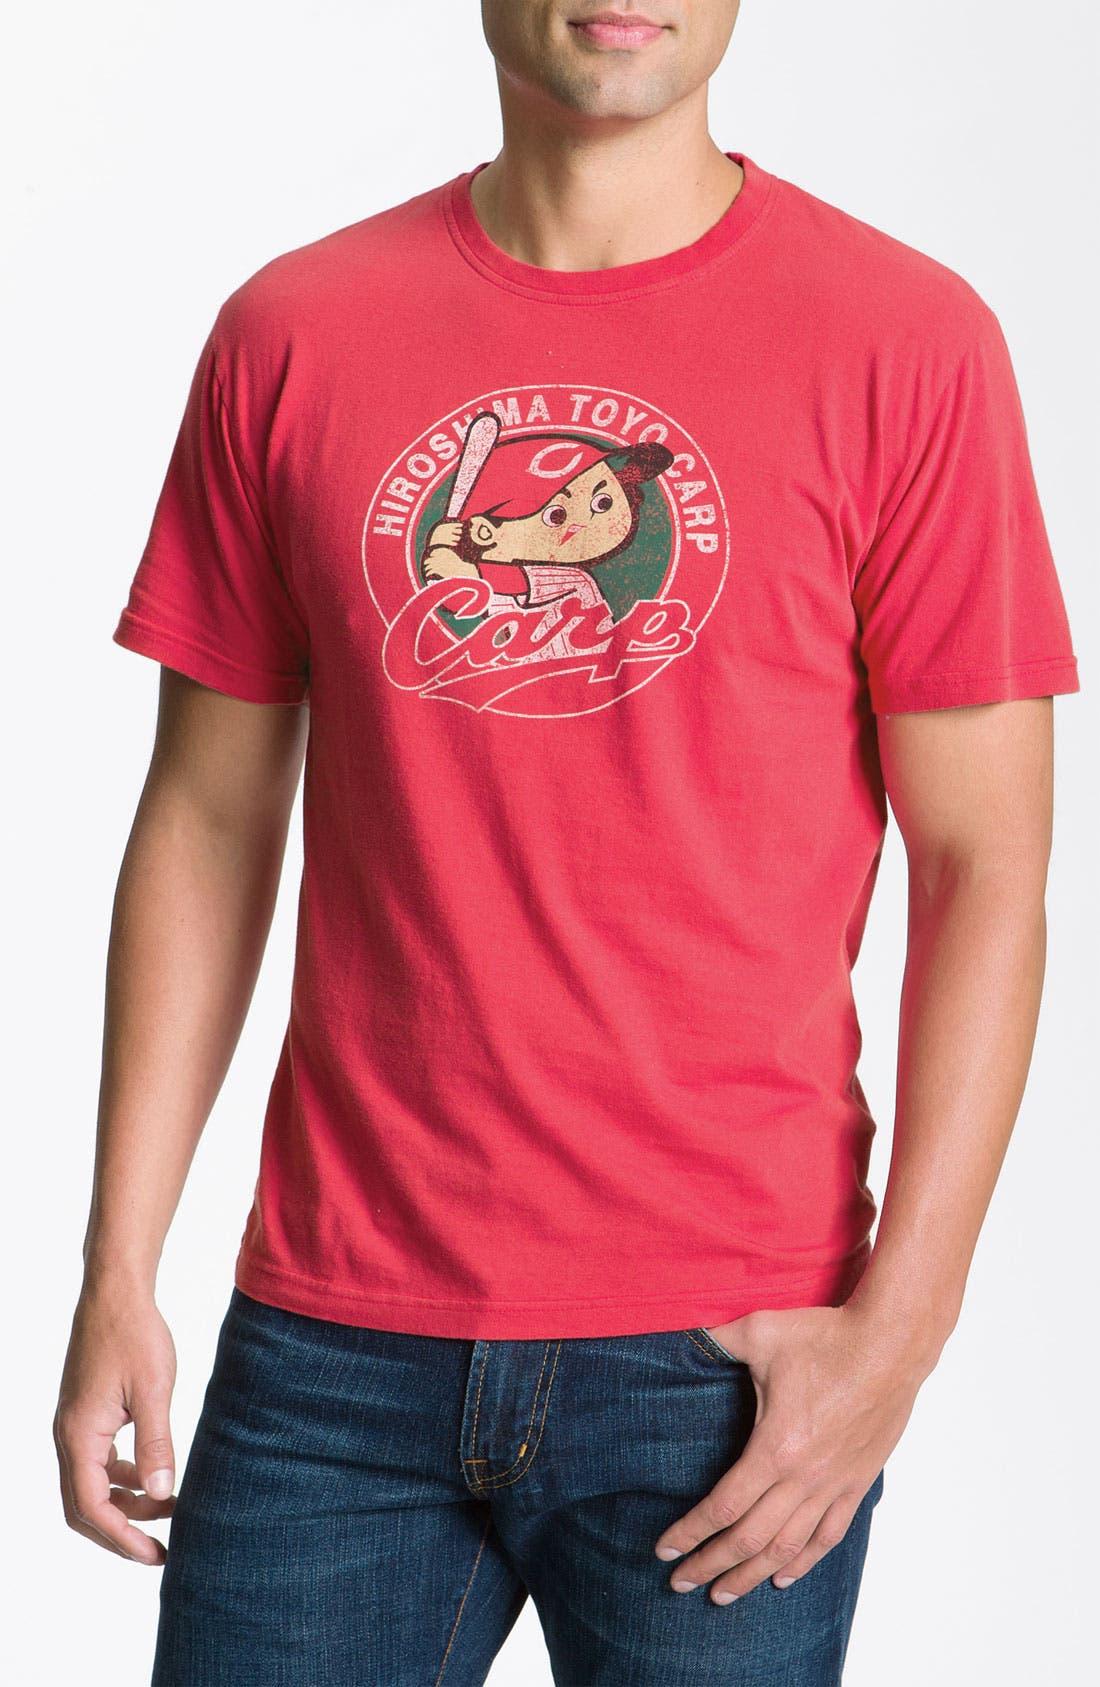 Main Image - Red Jacket 'Hiroshima Toyo Carp' Regular Fit Crewneck T-Shirt